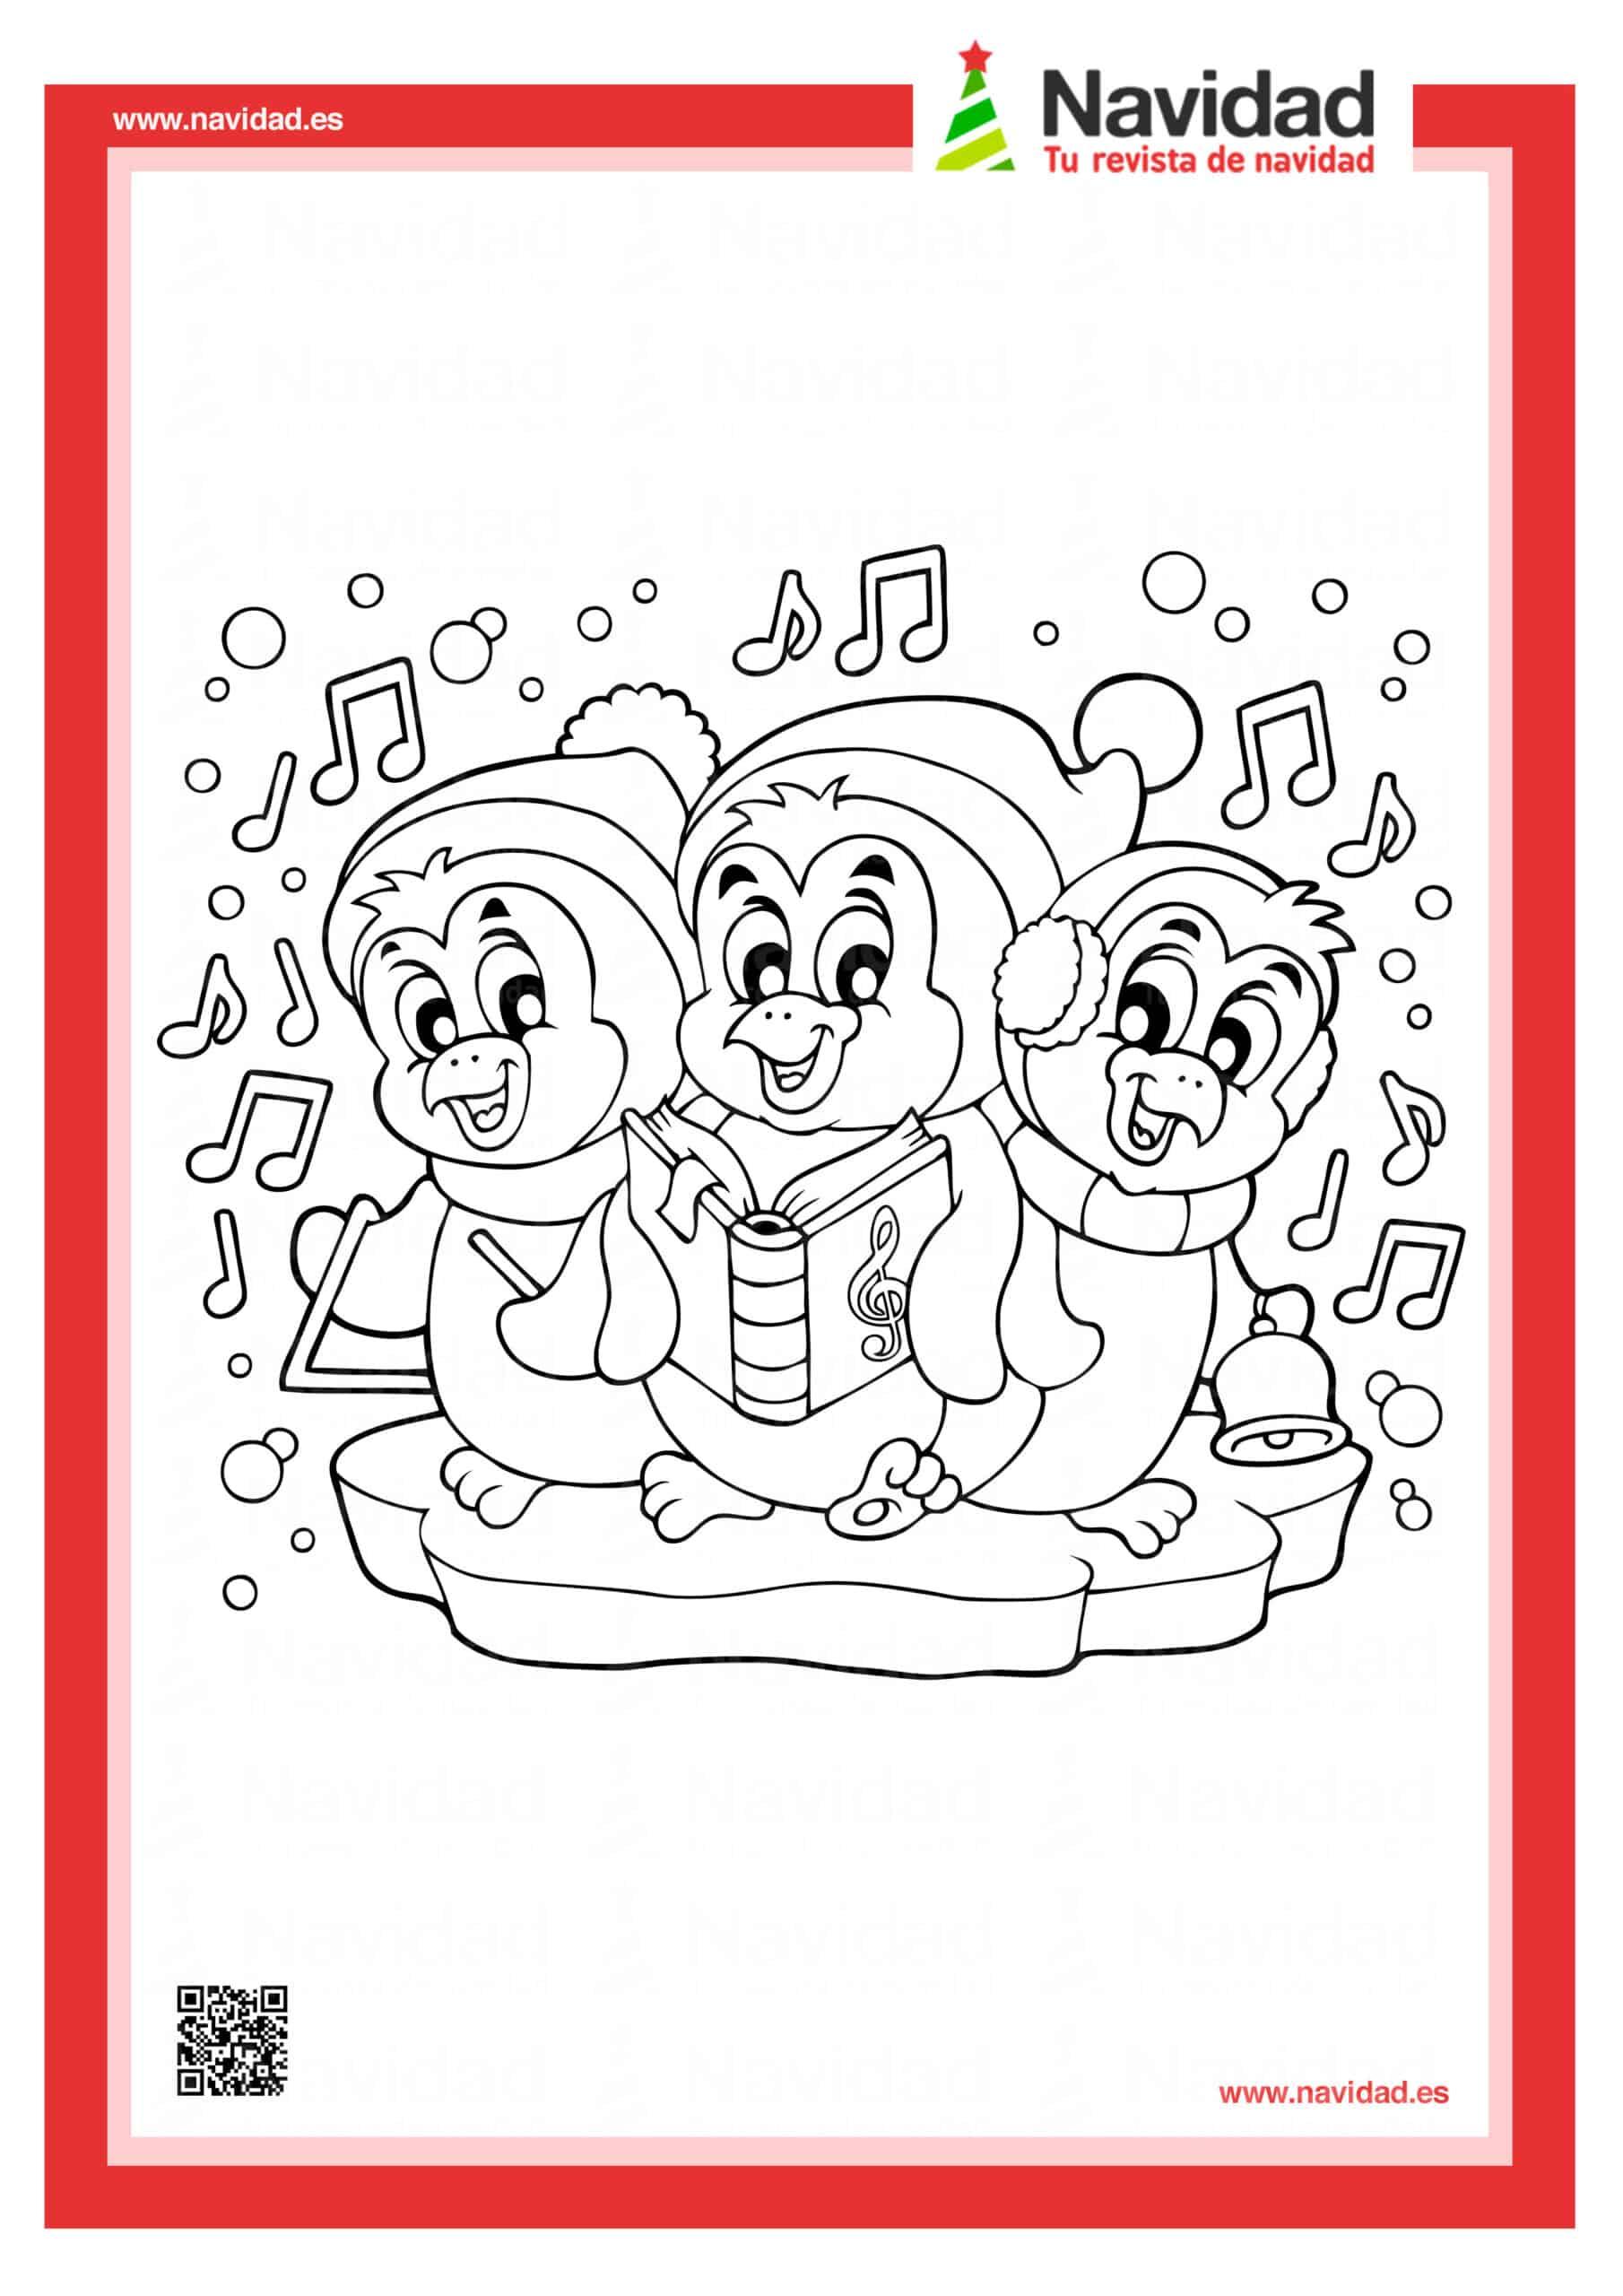 Dibujos navideños para colorear con los hijos esta Navidad 8